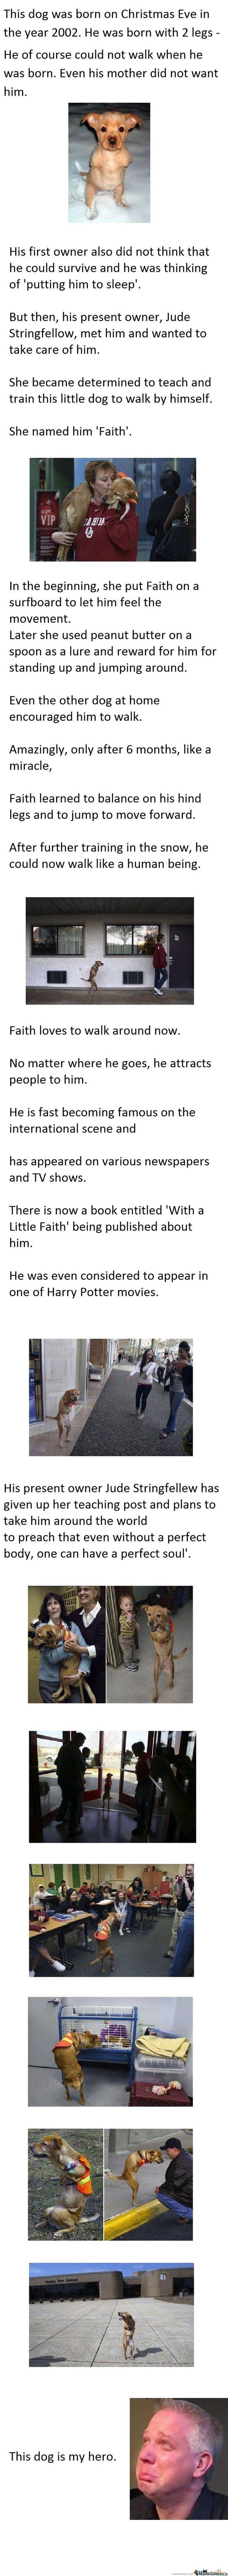 Faith The Dog - i love this story!